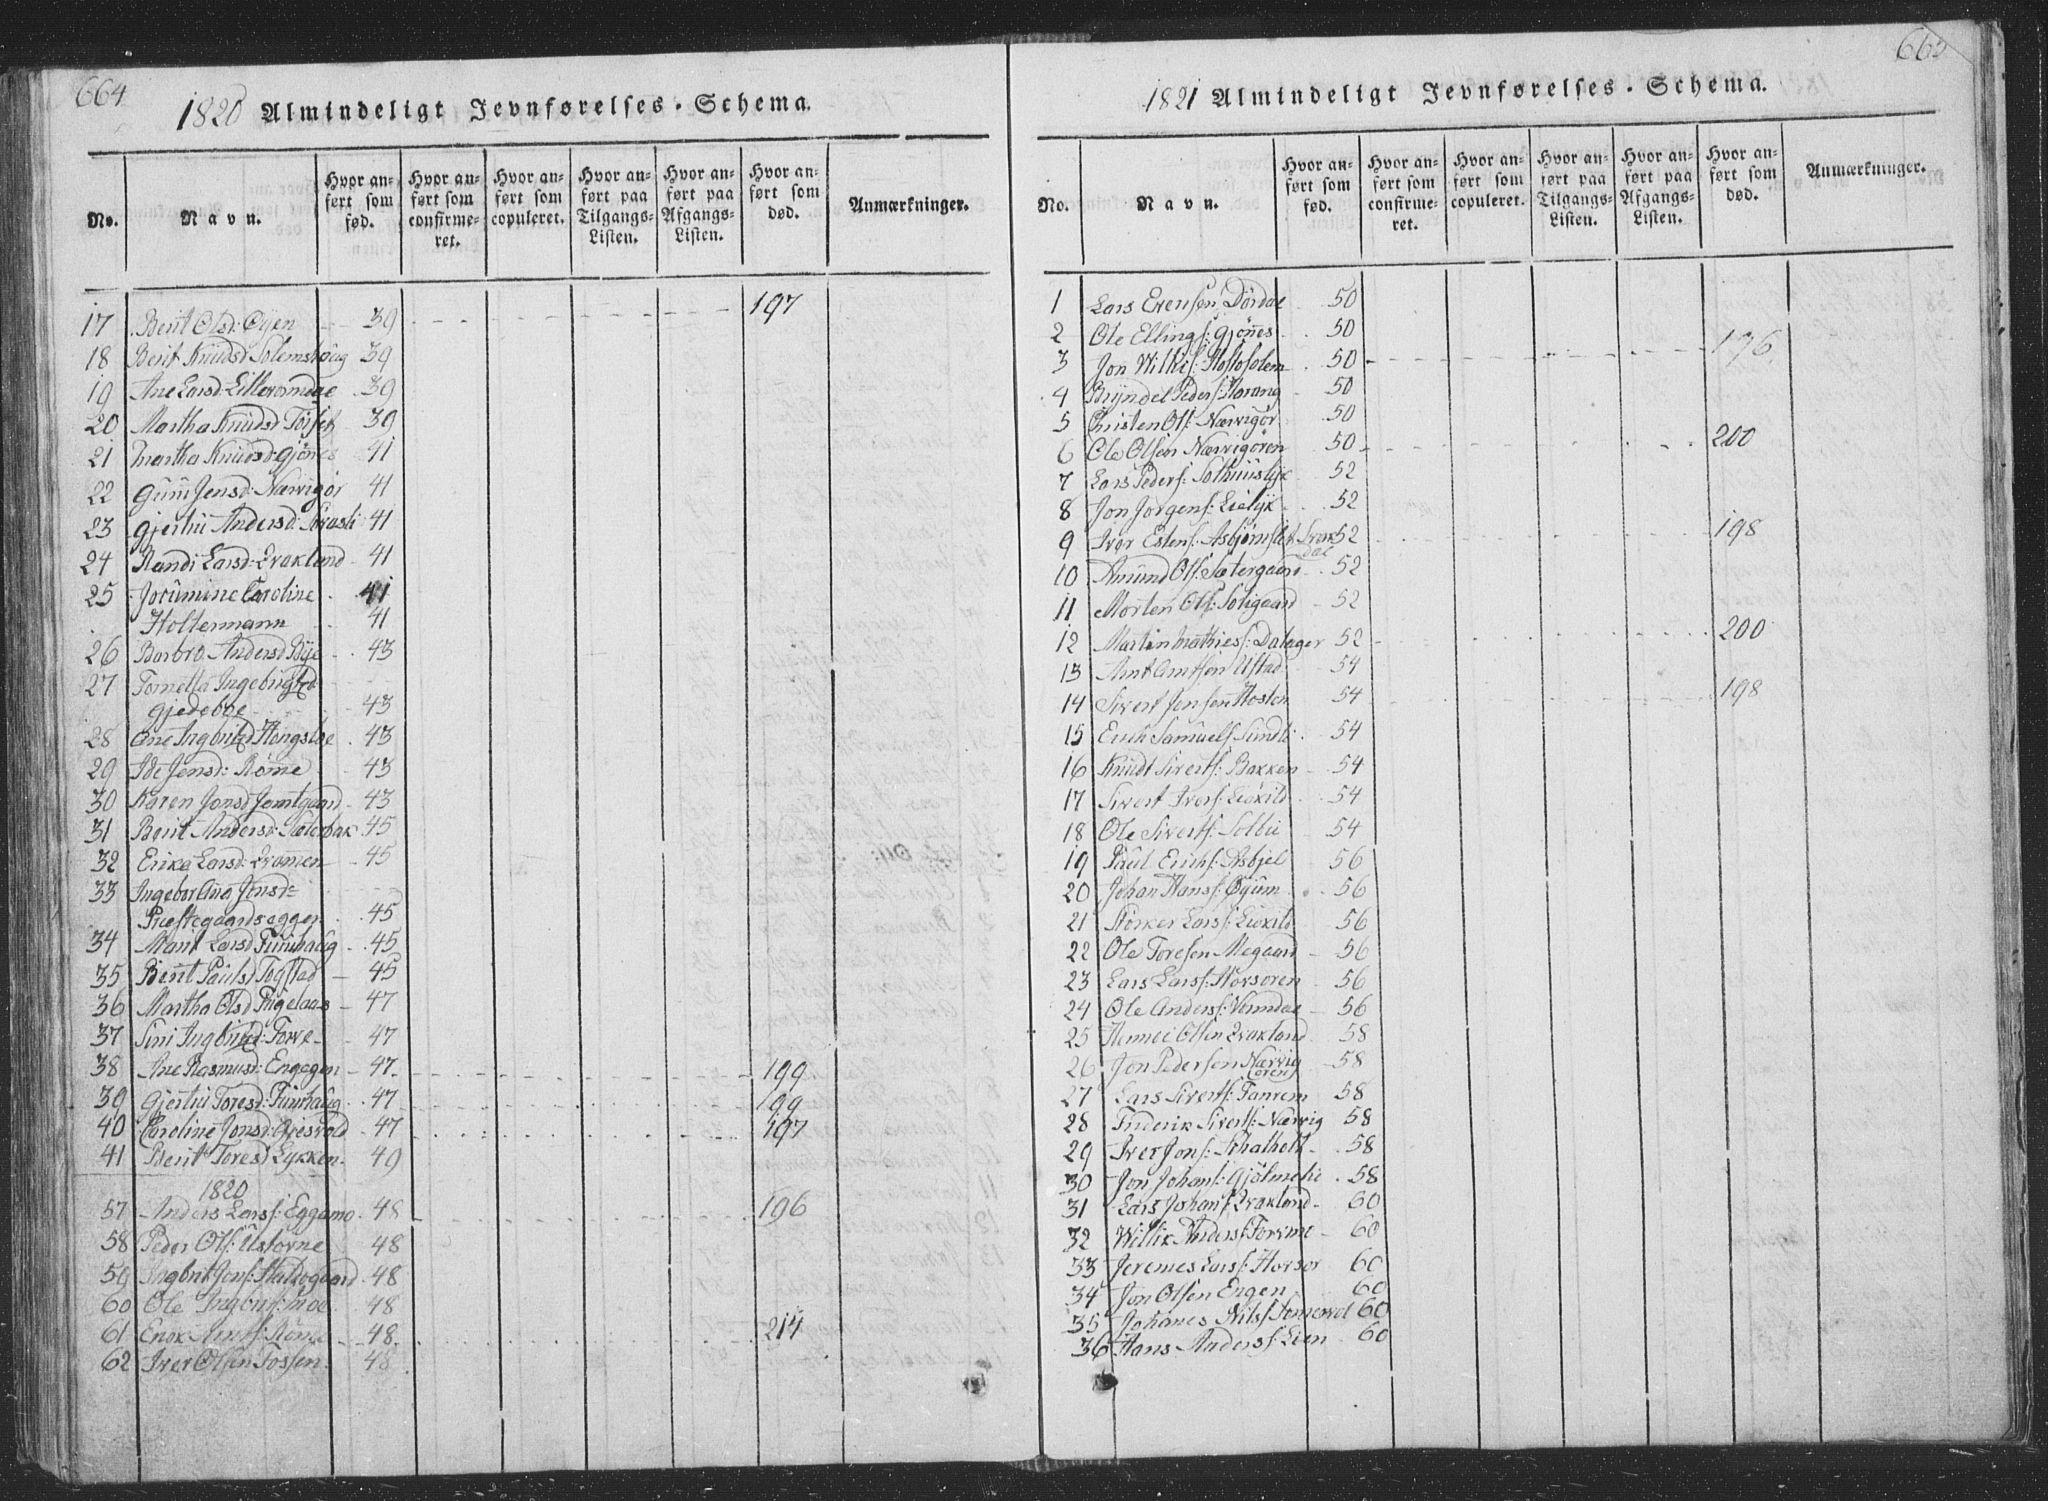 SAT, Ministerialprotokoller, klokkerbøker og fødselsregistre - Sør-Trøndelag, 668/L0816: Klokkerbok nr. 668C05, 1816-1893, s. 664-665